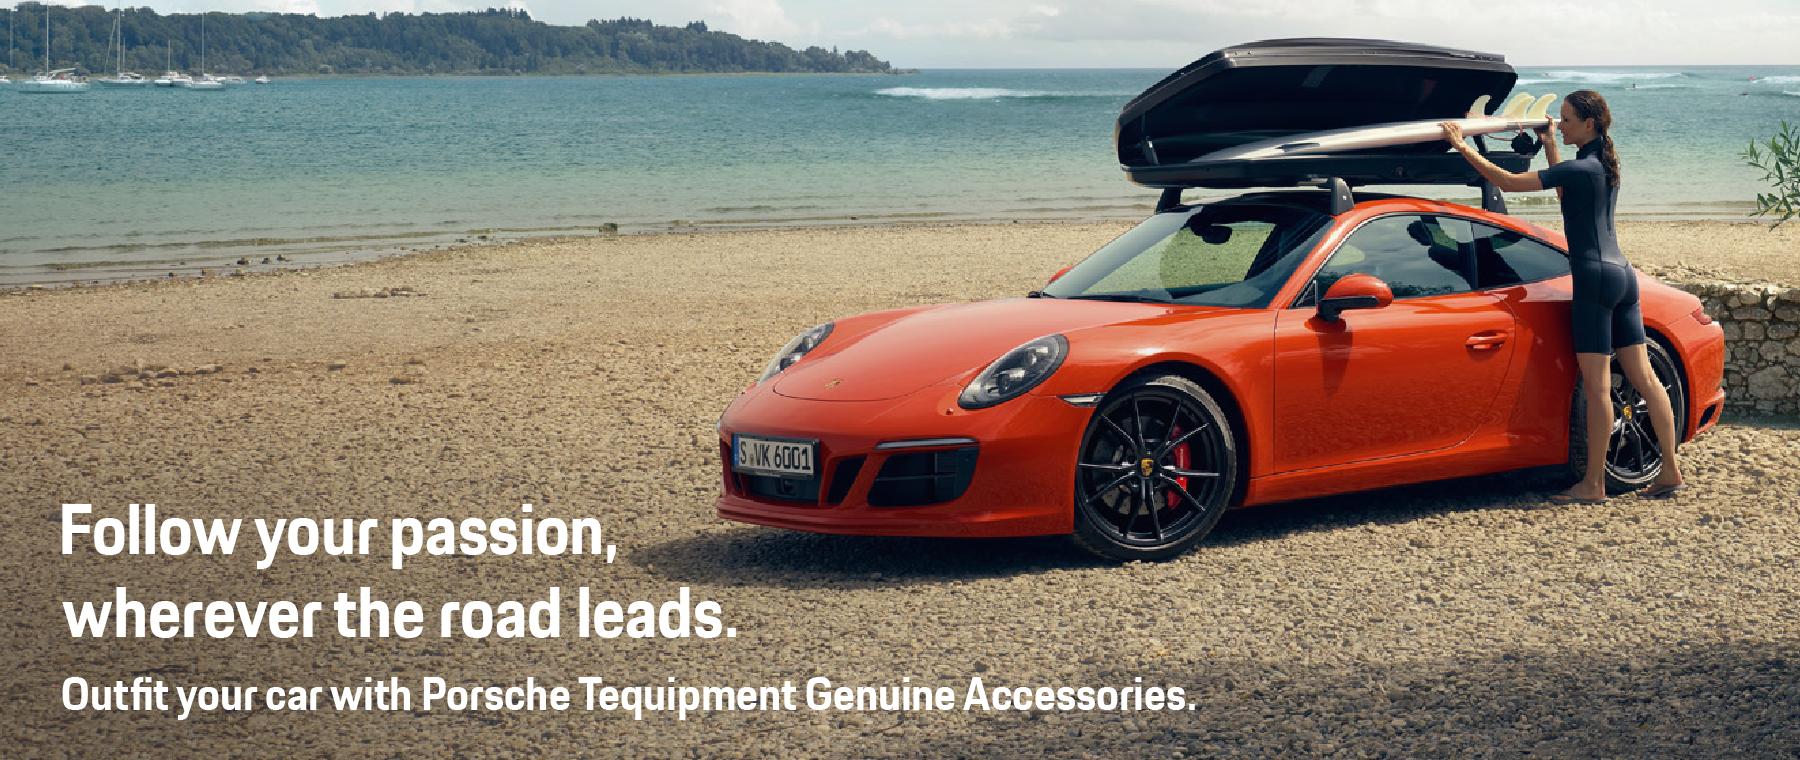 o-Porsche Tequipment Genuine Accessories